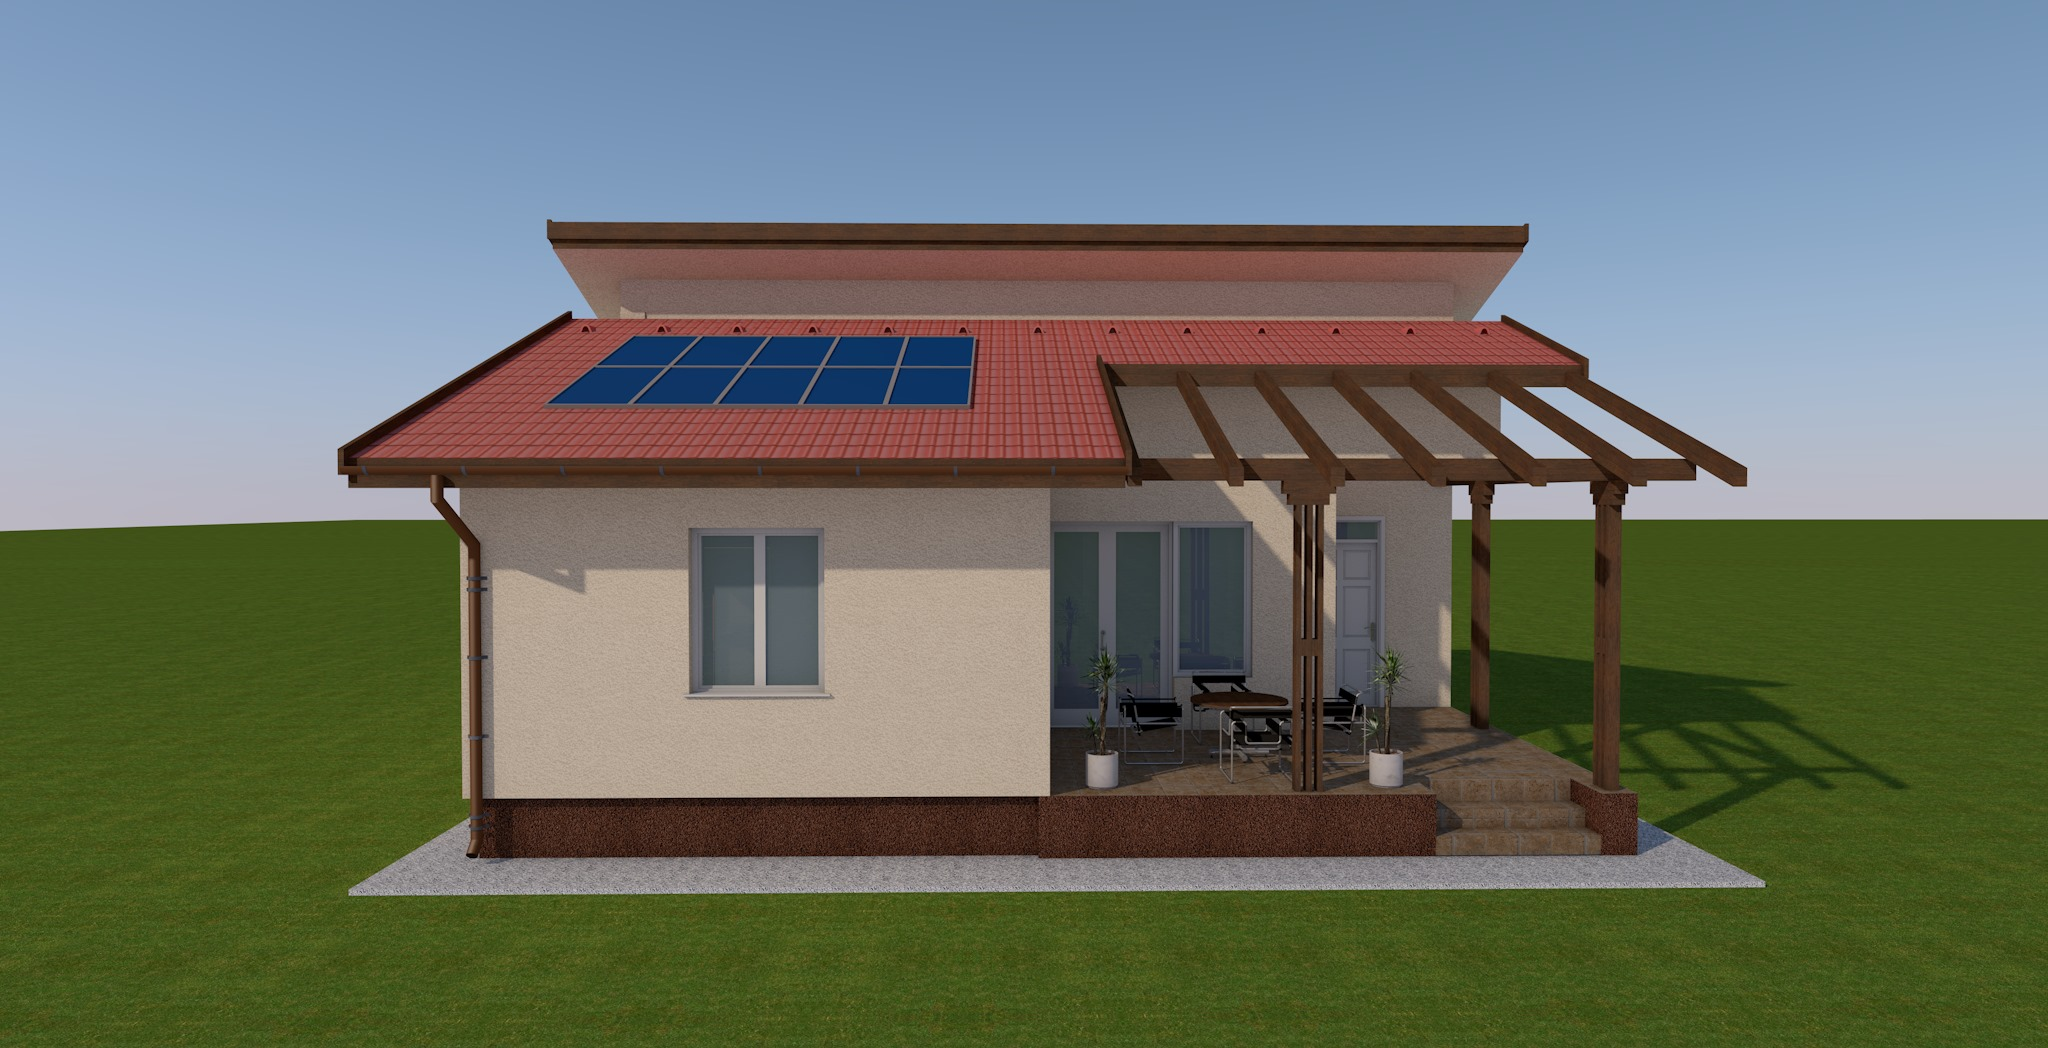 Új építésű Br. 98.62 m² Nappali + 2 szobás lakóház megrendelhető Kecskemét Vacsihegyben!